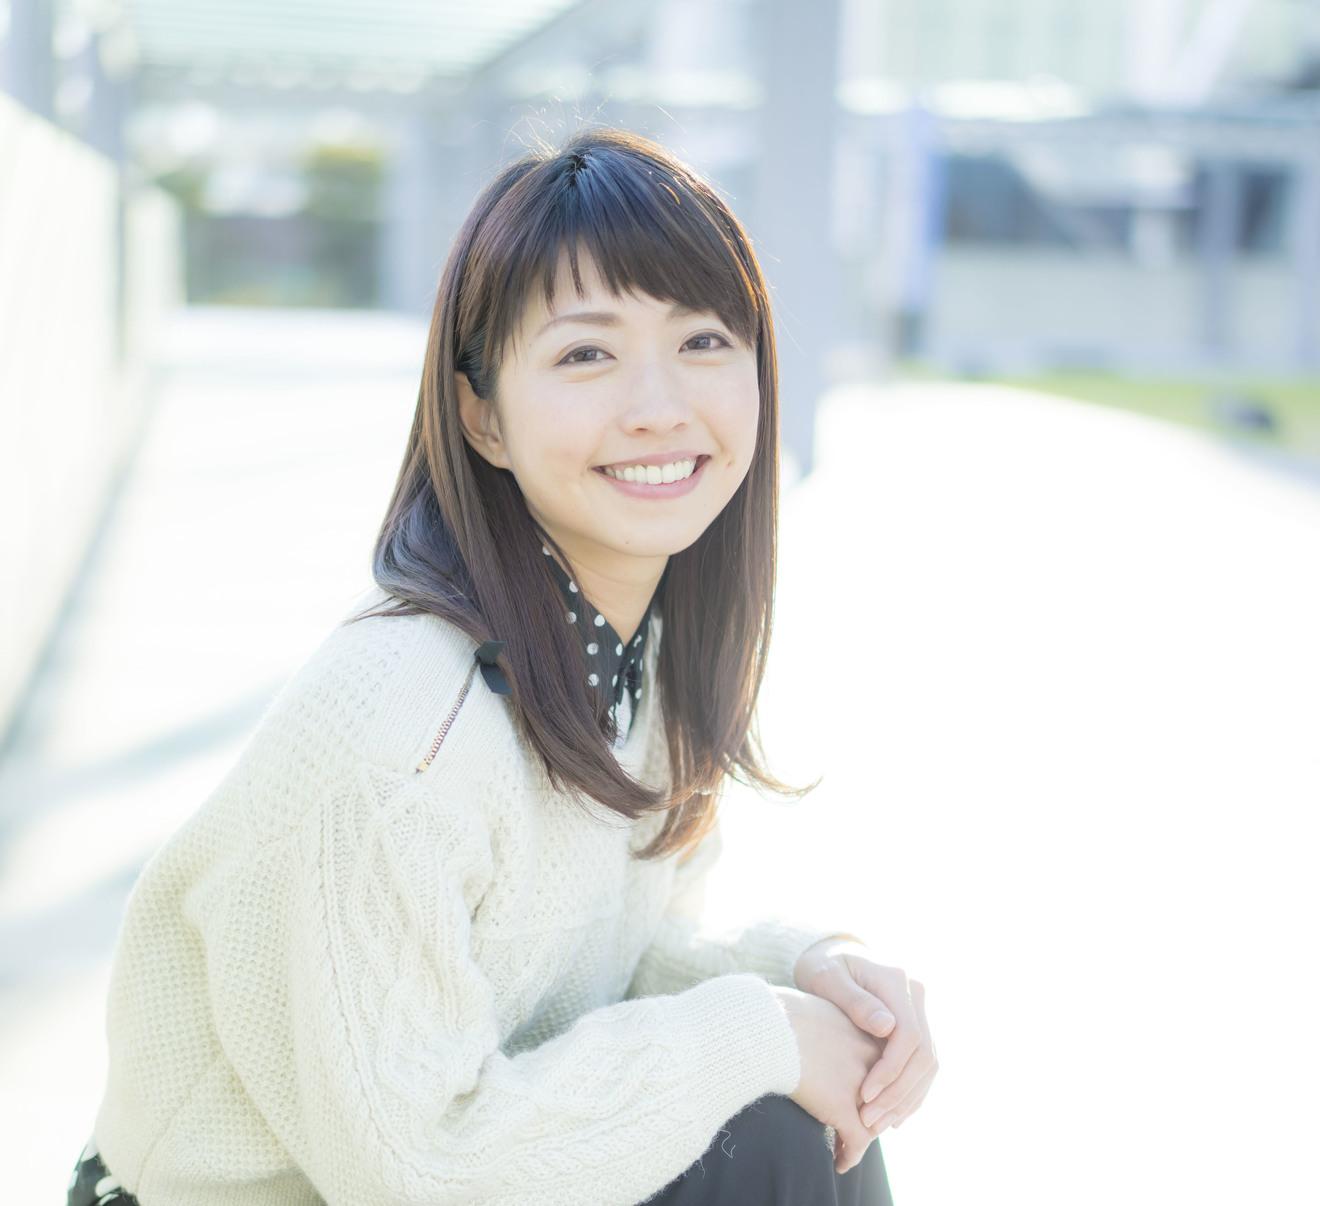 32歳、妄想と悲観のこじらせループ【小塚舞子】